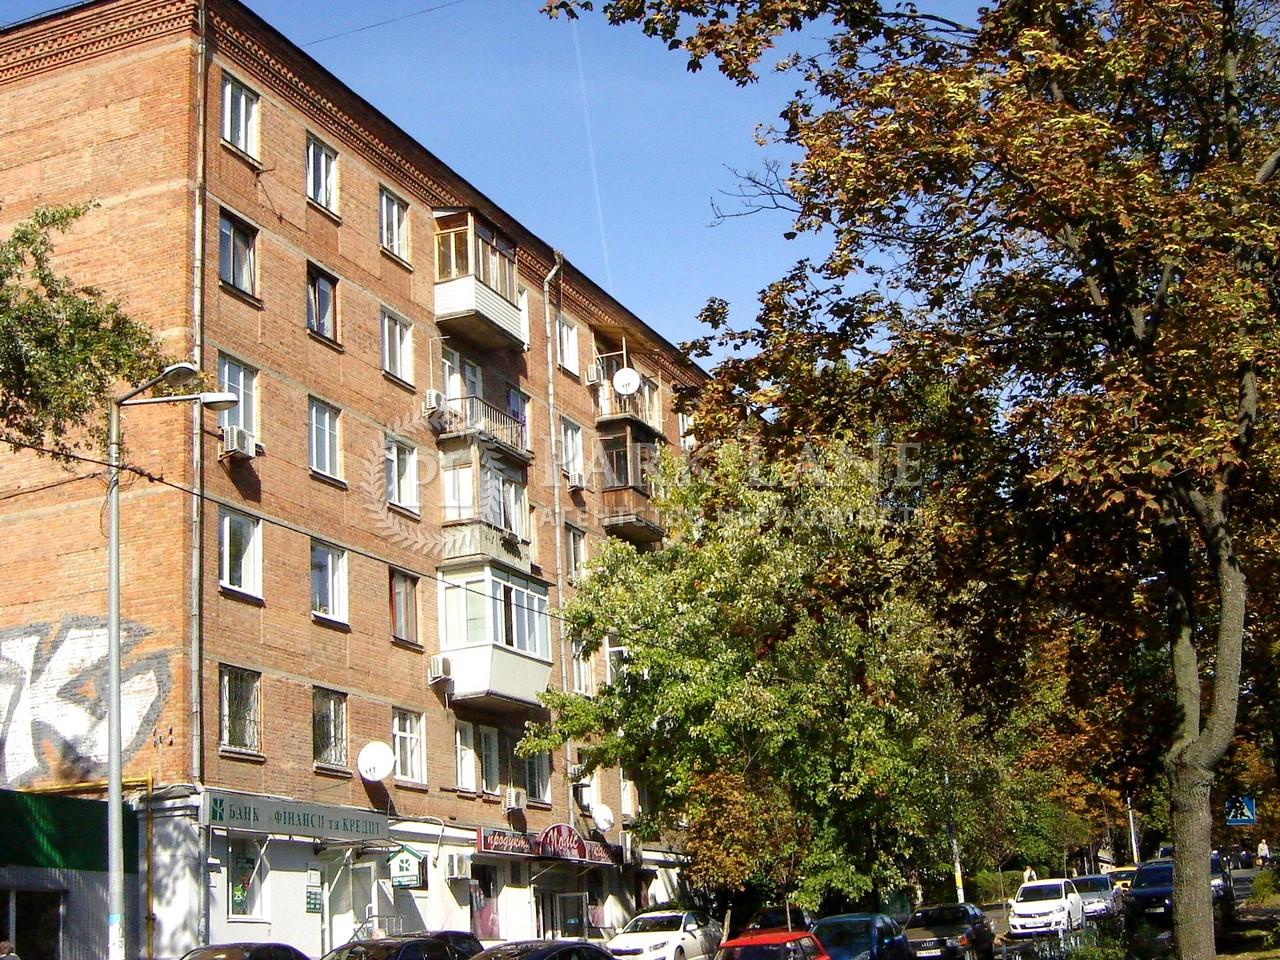 Квартира Приймаченко Марии бульв. (Лихачева), 5, Киев, R-25024 - Фото 22